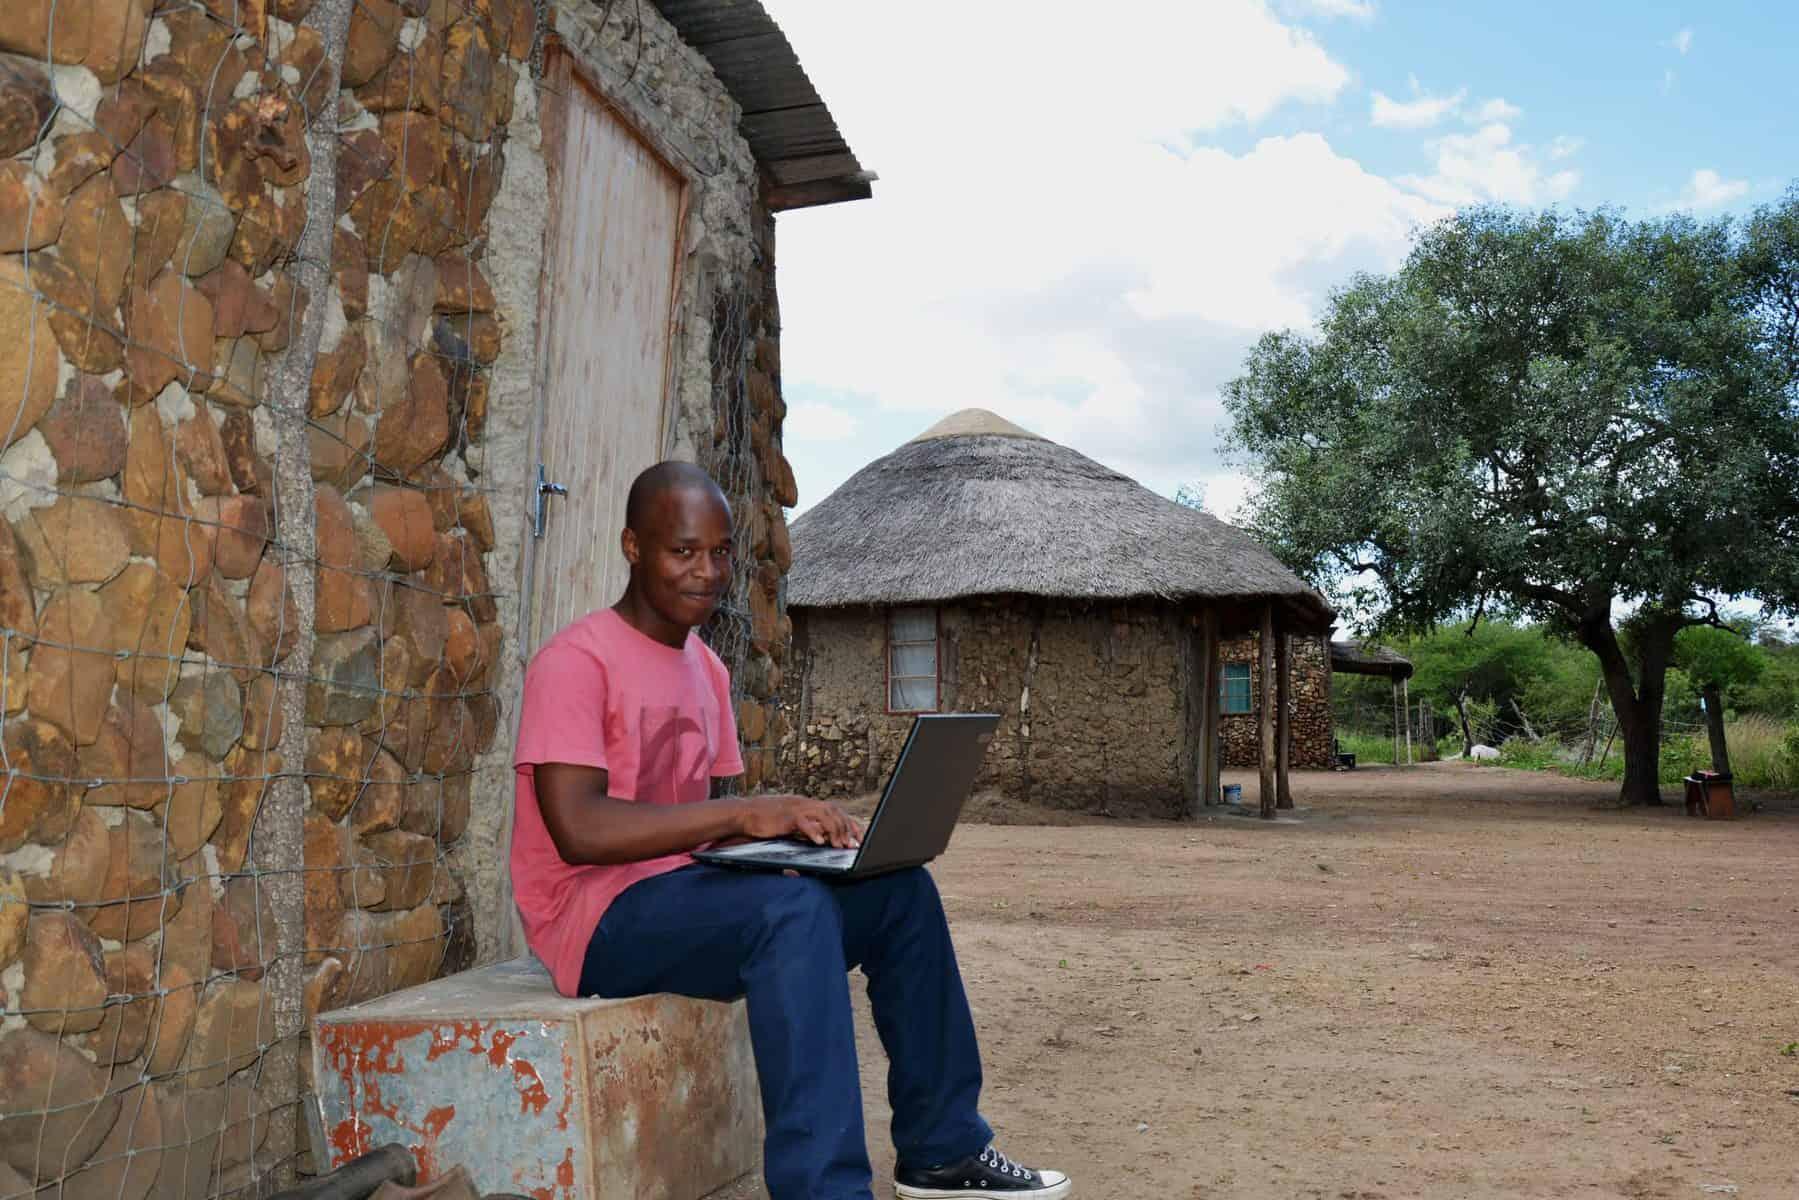 Malibongwe fra Magudu er snart ferdig utdannet elektroingeniør med hjelp fra Zuluklubben